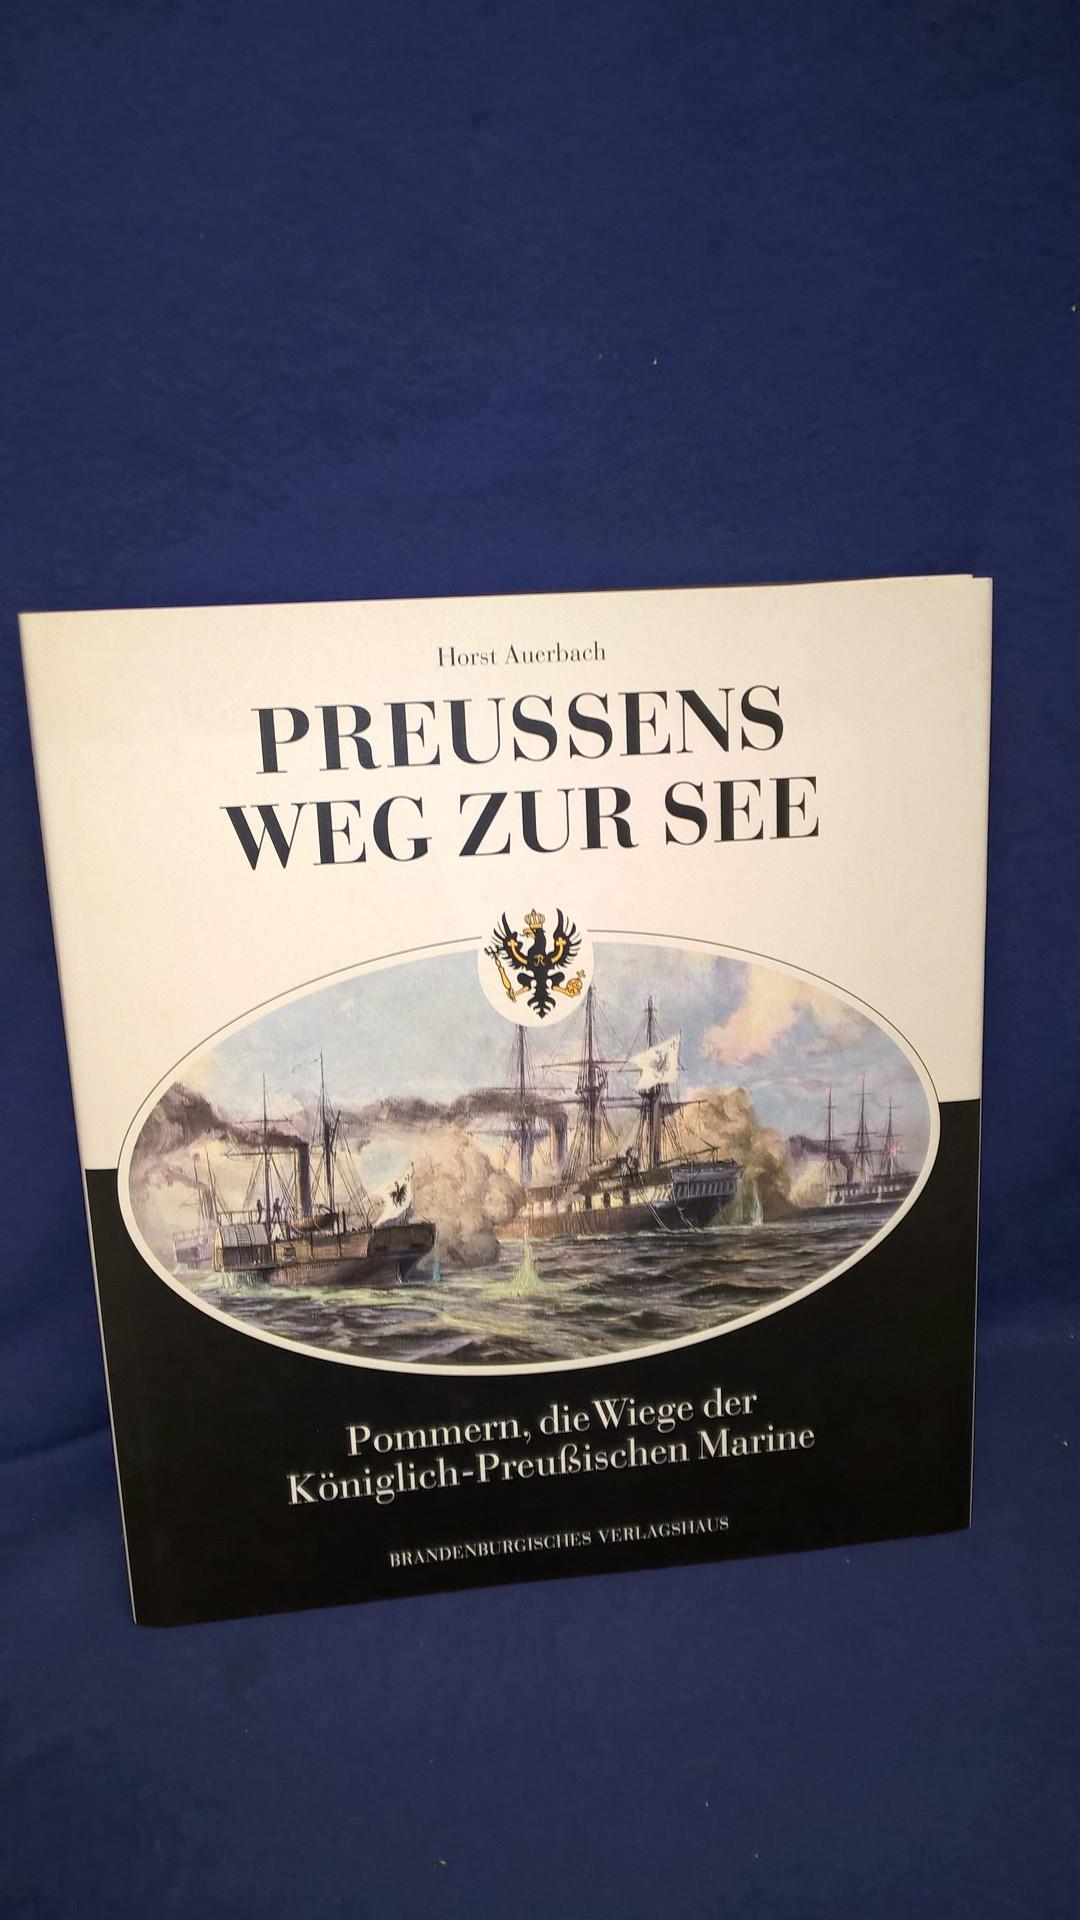 Preussens Weg zur See. Pommern, die Wiege der Königlich-Preussischen Marine.